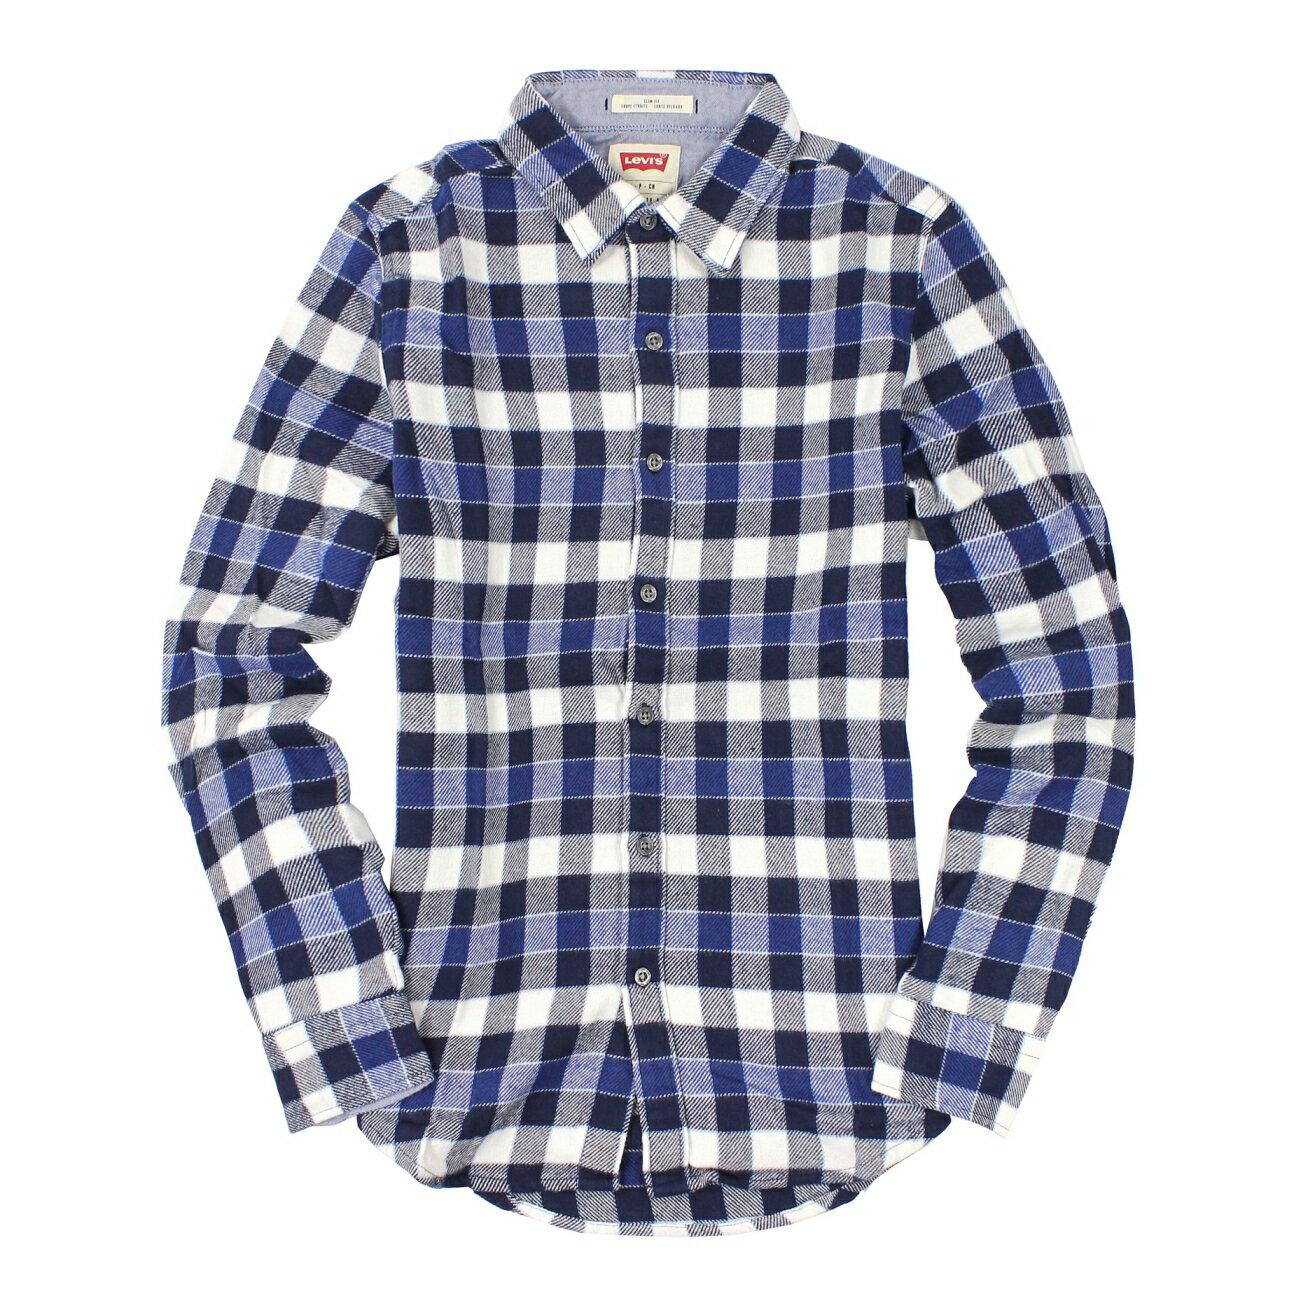 美國百分百【全新真品】Levis 襯衫 長袖 上衣 休閒衫 藍 格紋 毛呢 厚 學院風 純棉 男 XS號